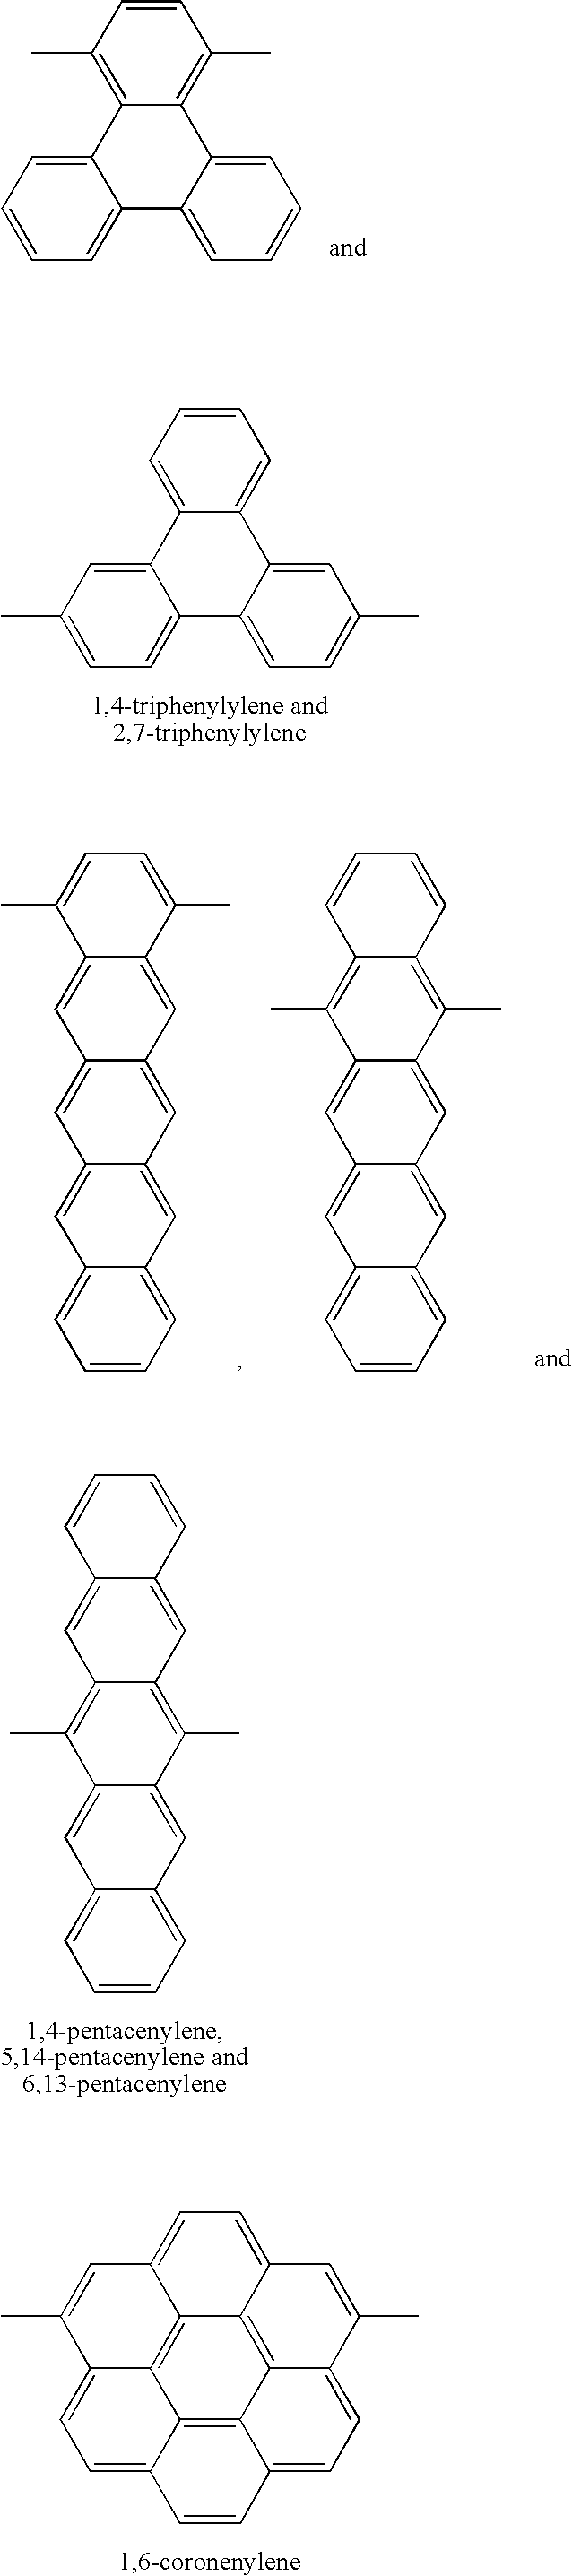 Figure US20100273957A1-20101028-C00002